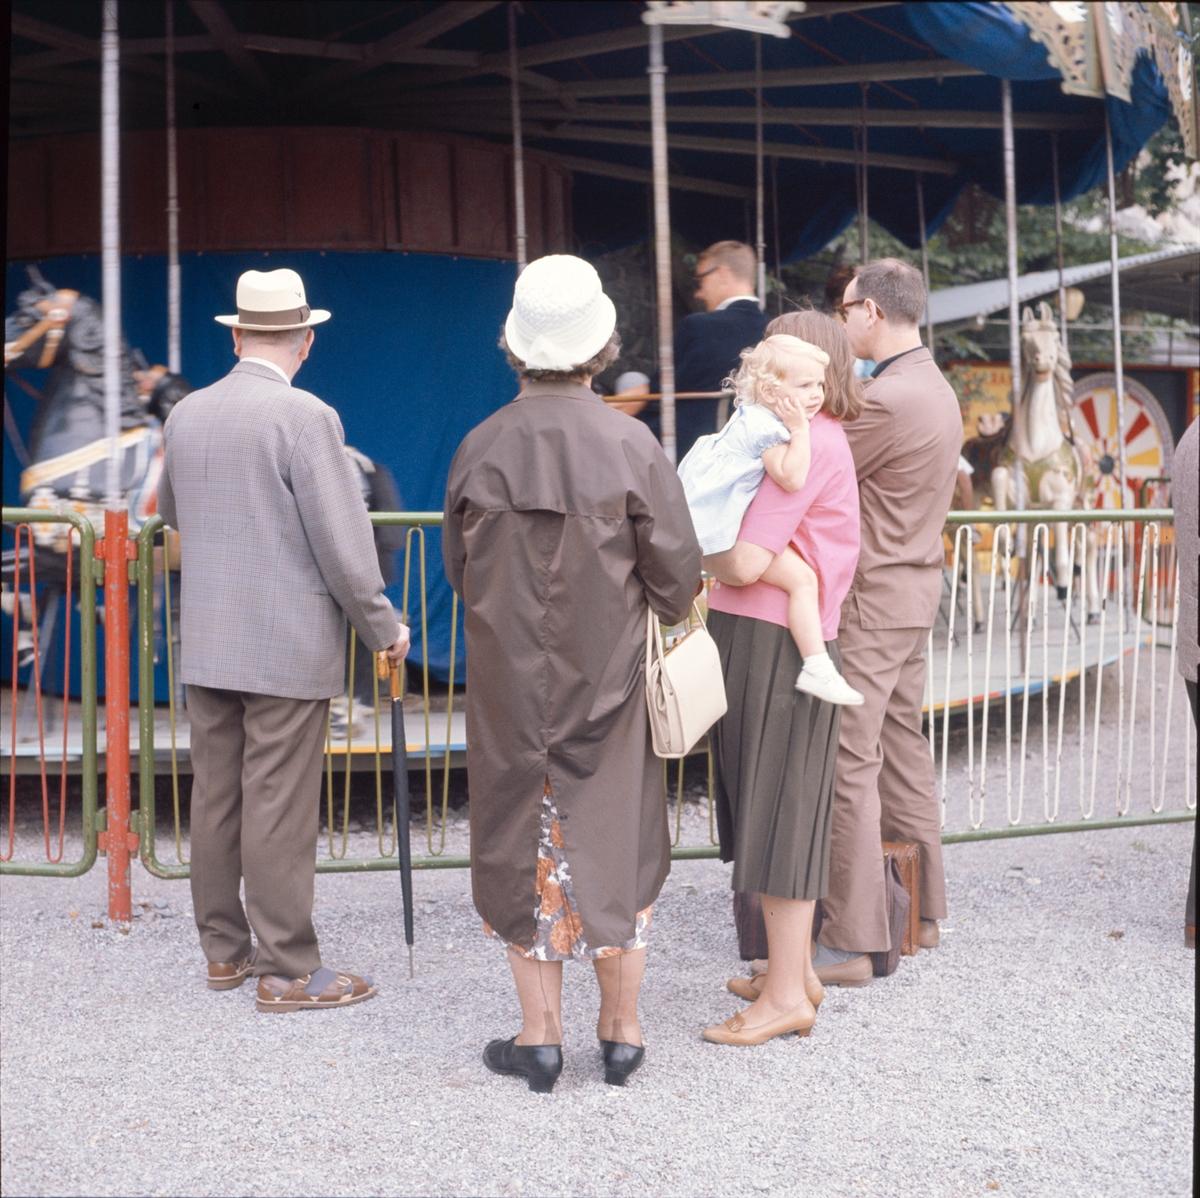 En grupp personer betraktar en karusell. Ett barn betraktar något som är mer spänande och som inträffar utanför bilden.